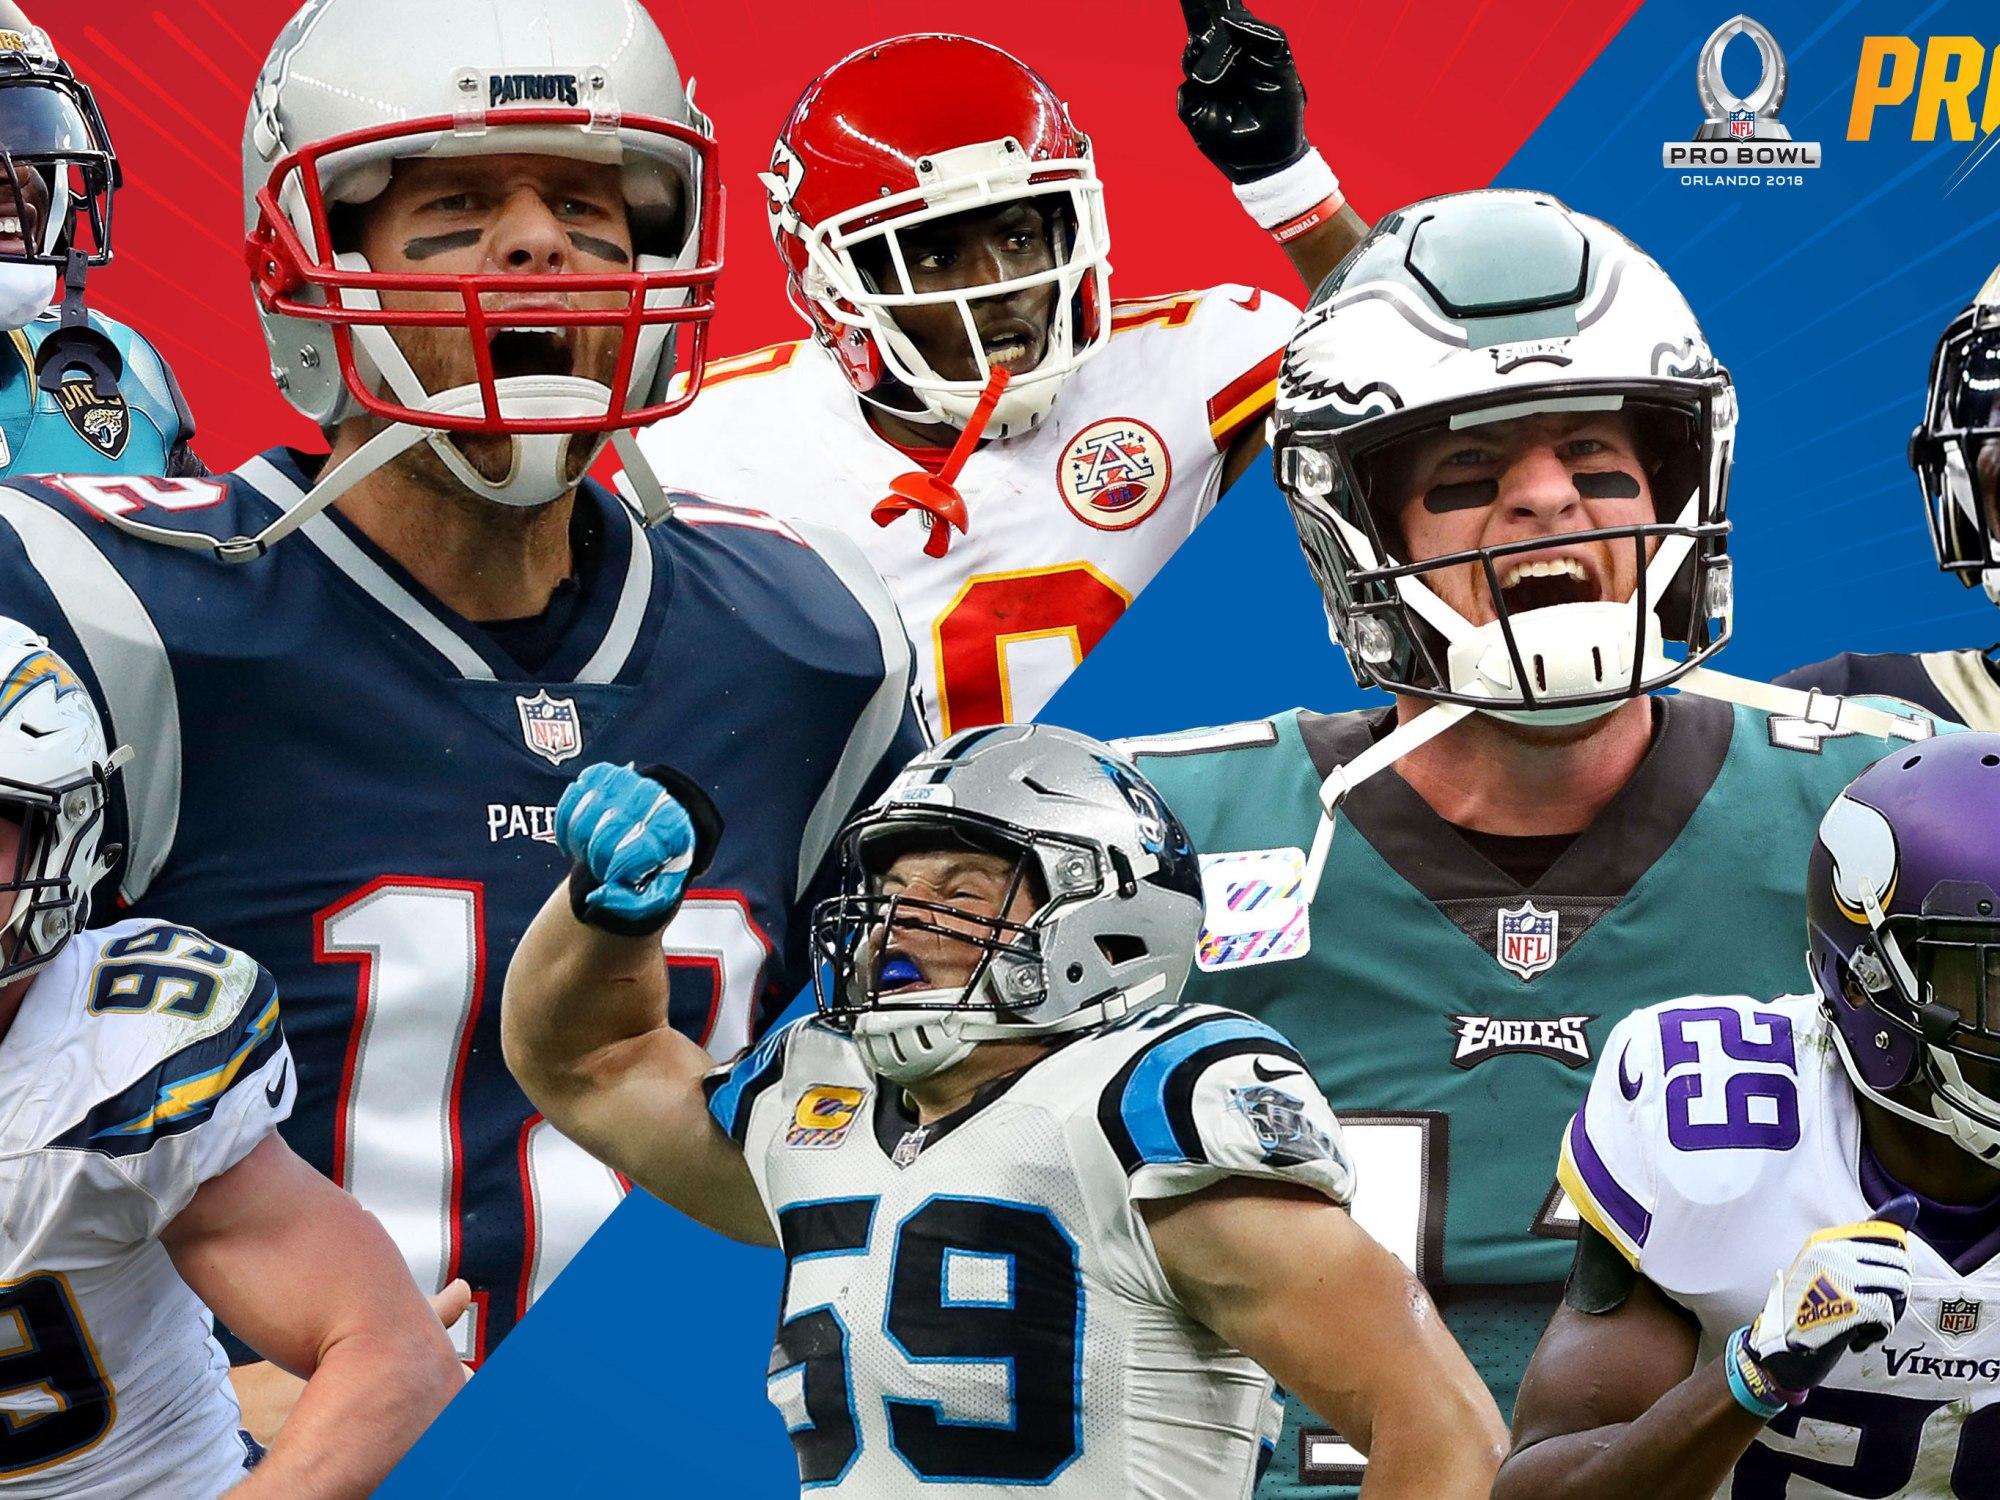 d19af871205 NFL 2017 Pro Bowl – Shoe In's, Surprises and Snubs – SportsbyFry